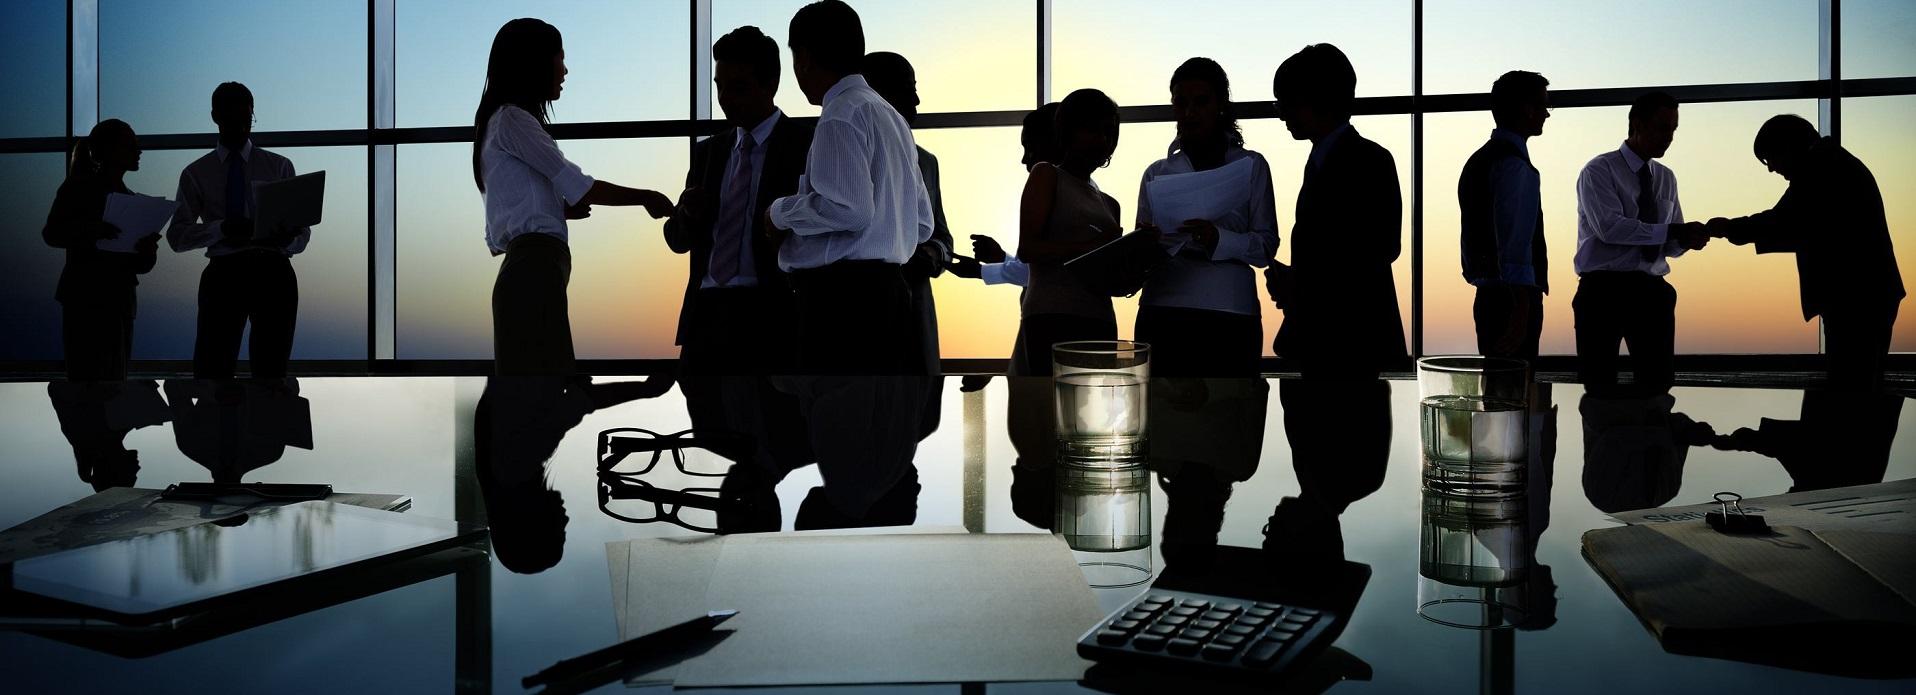 Конференция «Деятельность субъектов инфраструктуры поддержки МСП: обмен опытом, подведение итогов, перспективы развития».